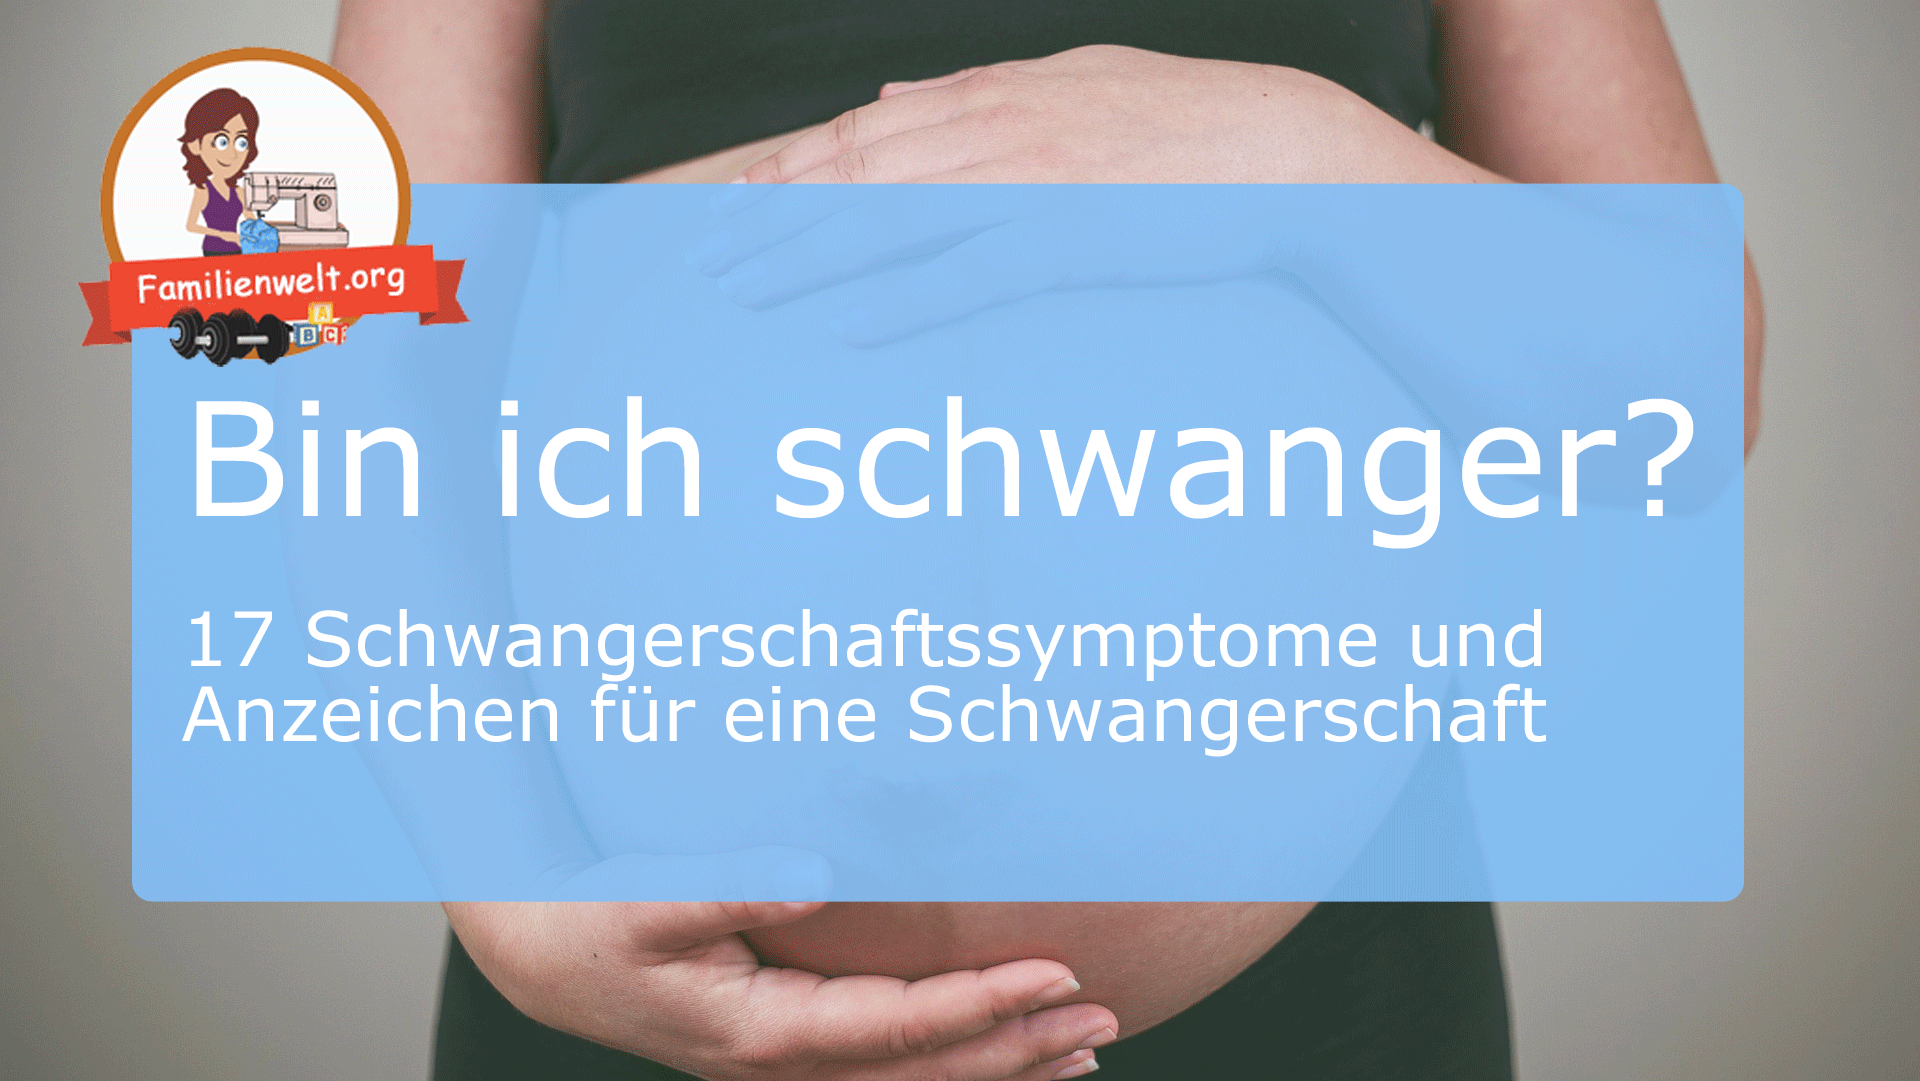 Schwangerschaftsanzeichen und Symptome